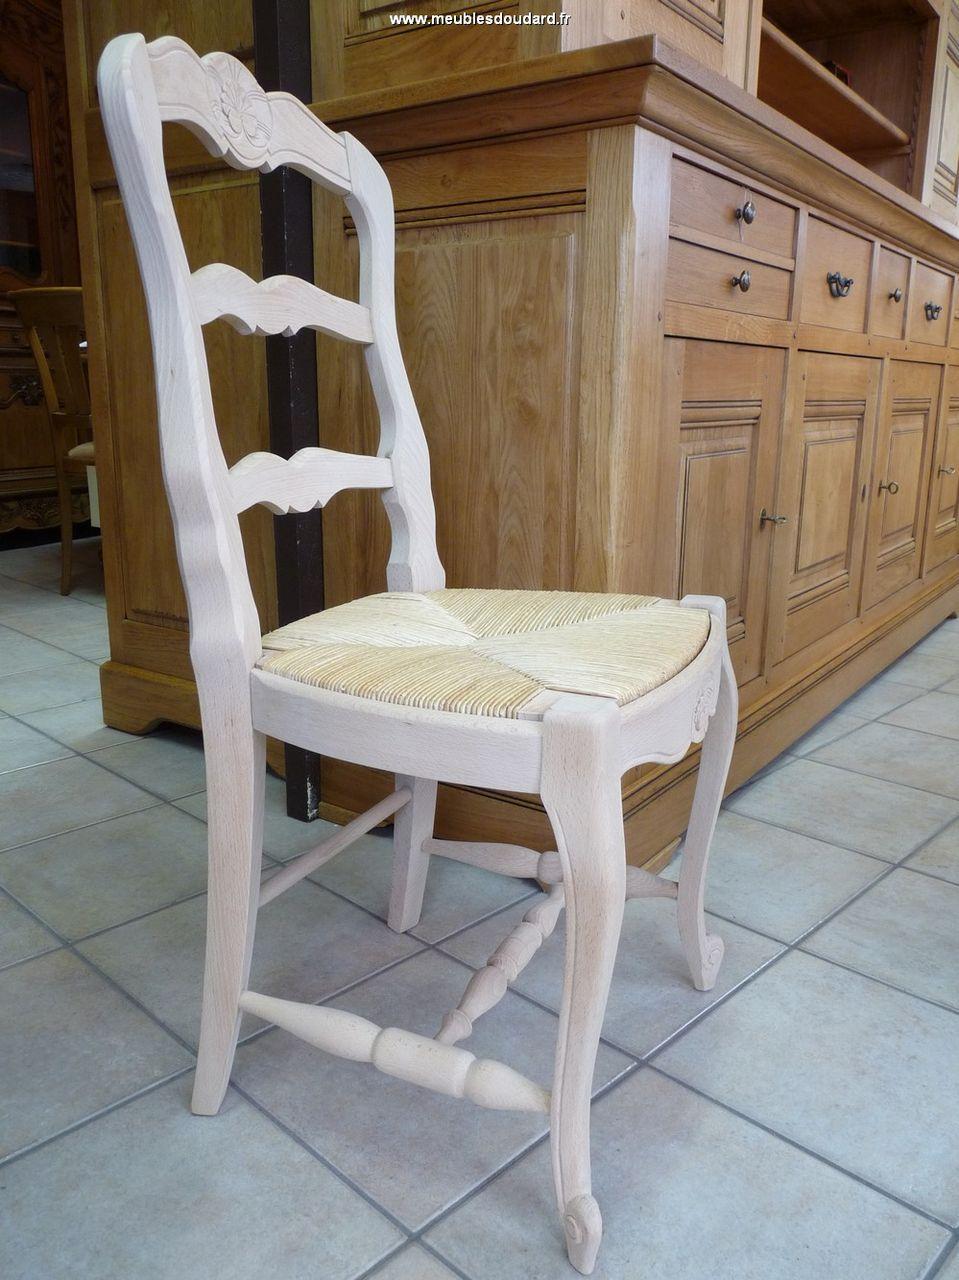 Peindre une chaise en bois et paille - Recouvrir une chaise en paille ...